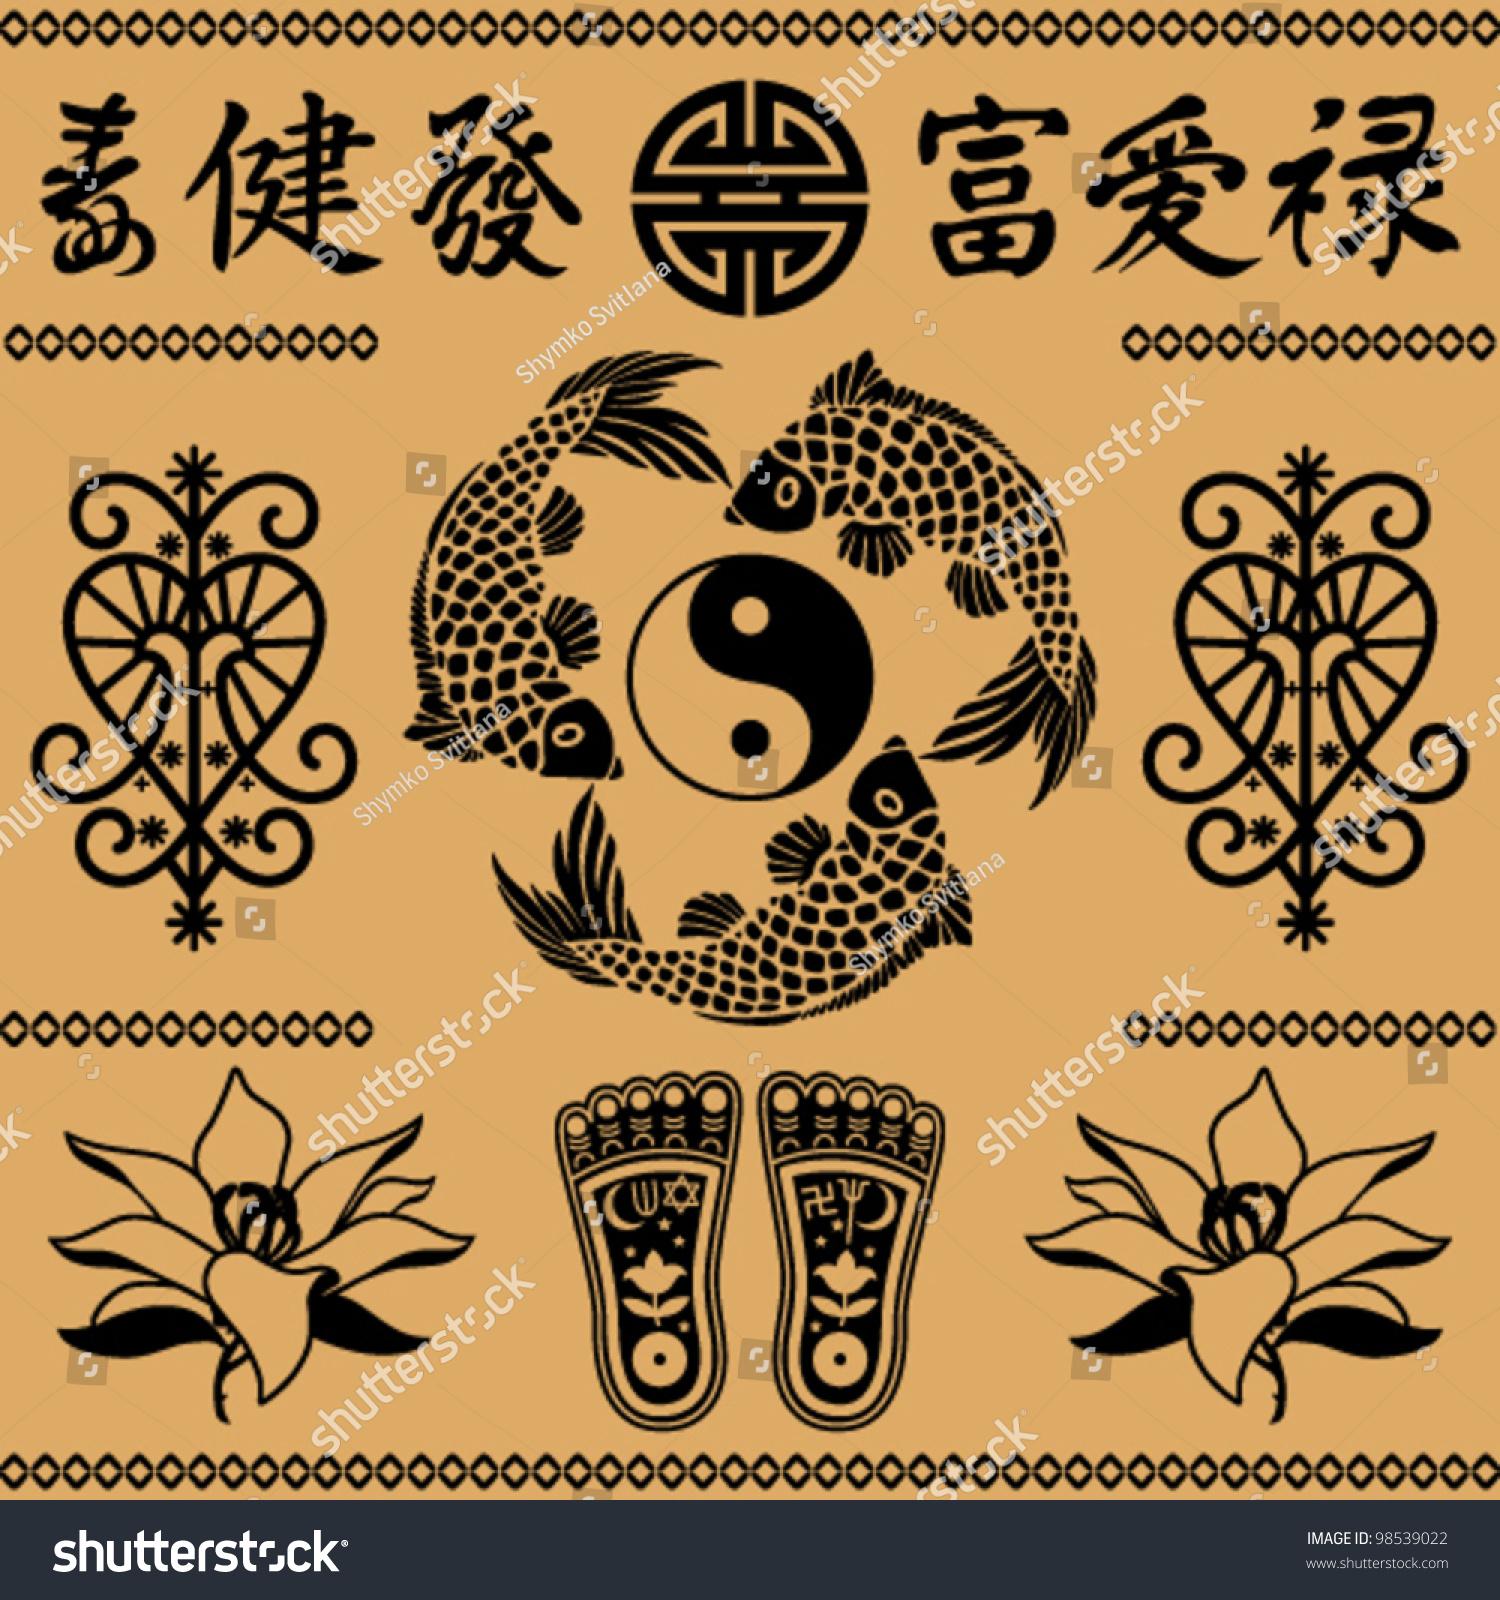 East decorative elements lotus east symbols stock vector 98539022 east decorative elements from a lotus east symbols feng shui and foot of buddha on buycottarizona Images